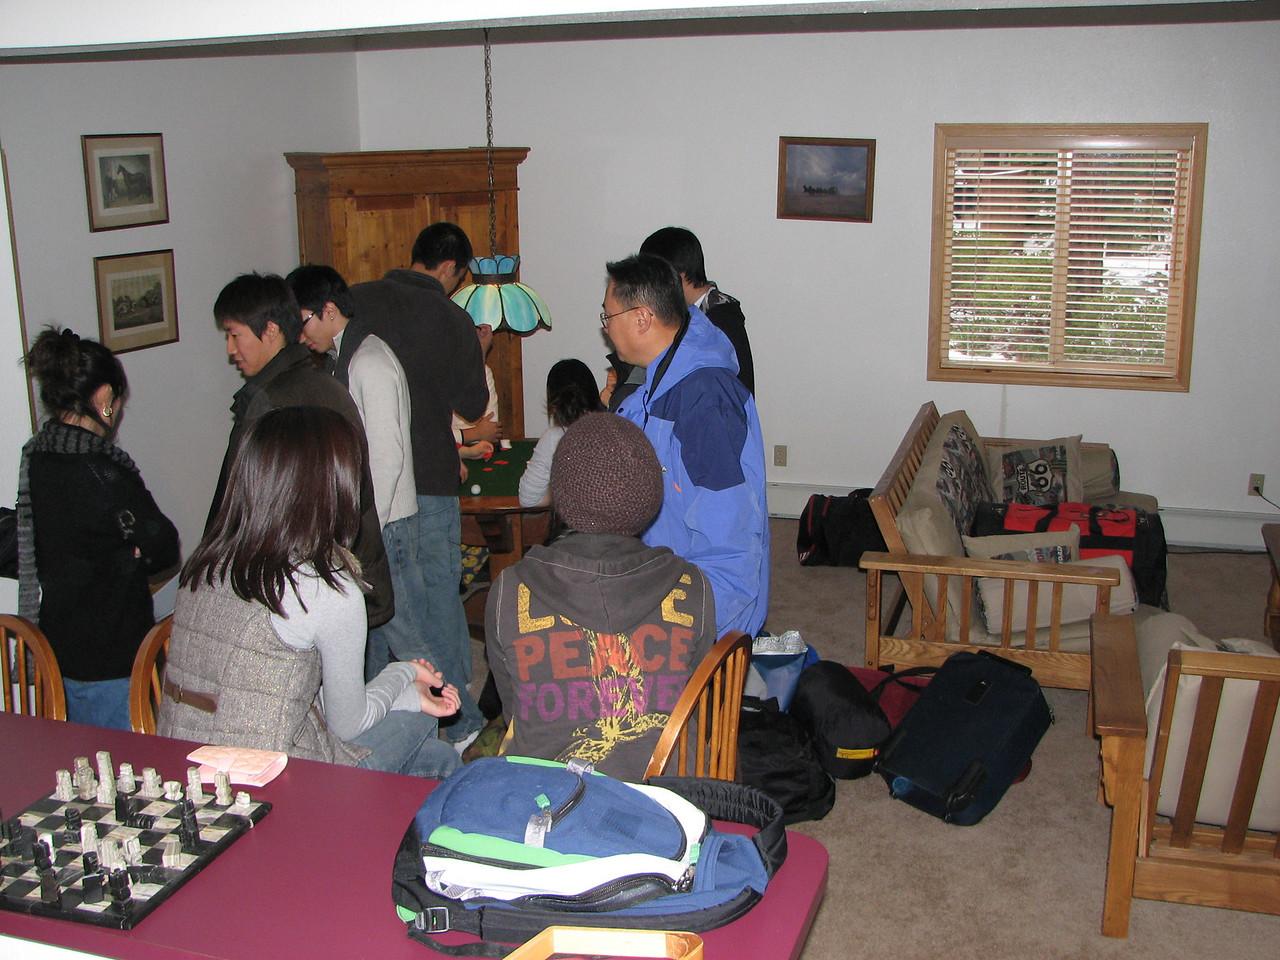 2006 12 20 Wed - YG kids gamble as parents look on